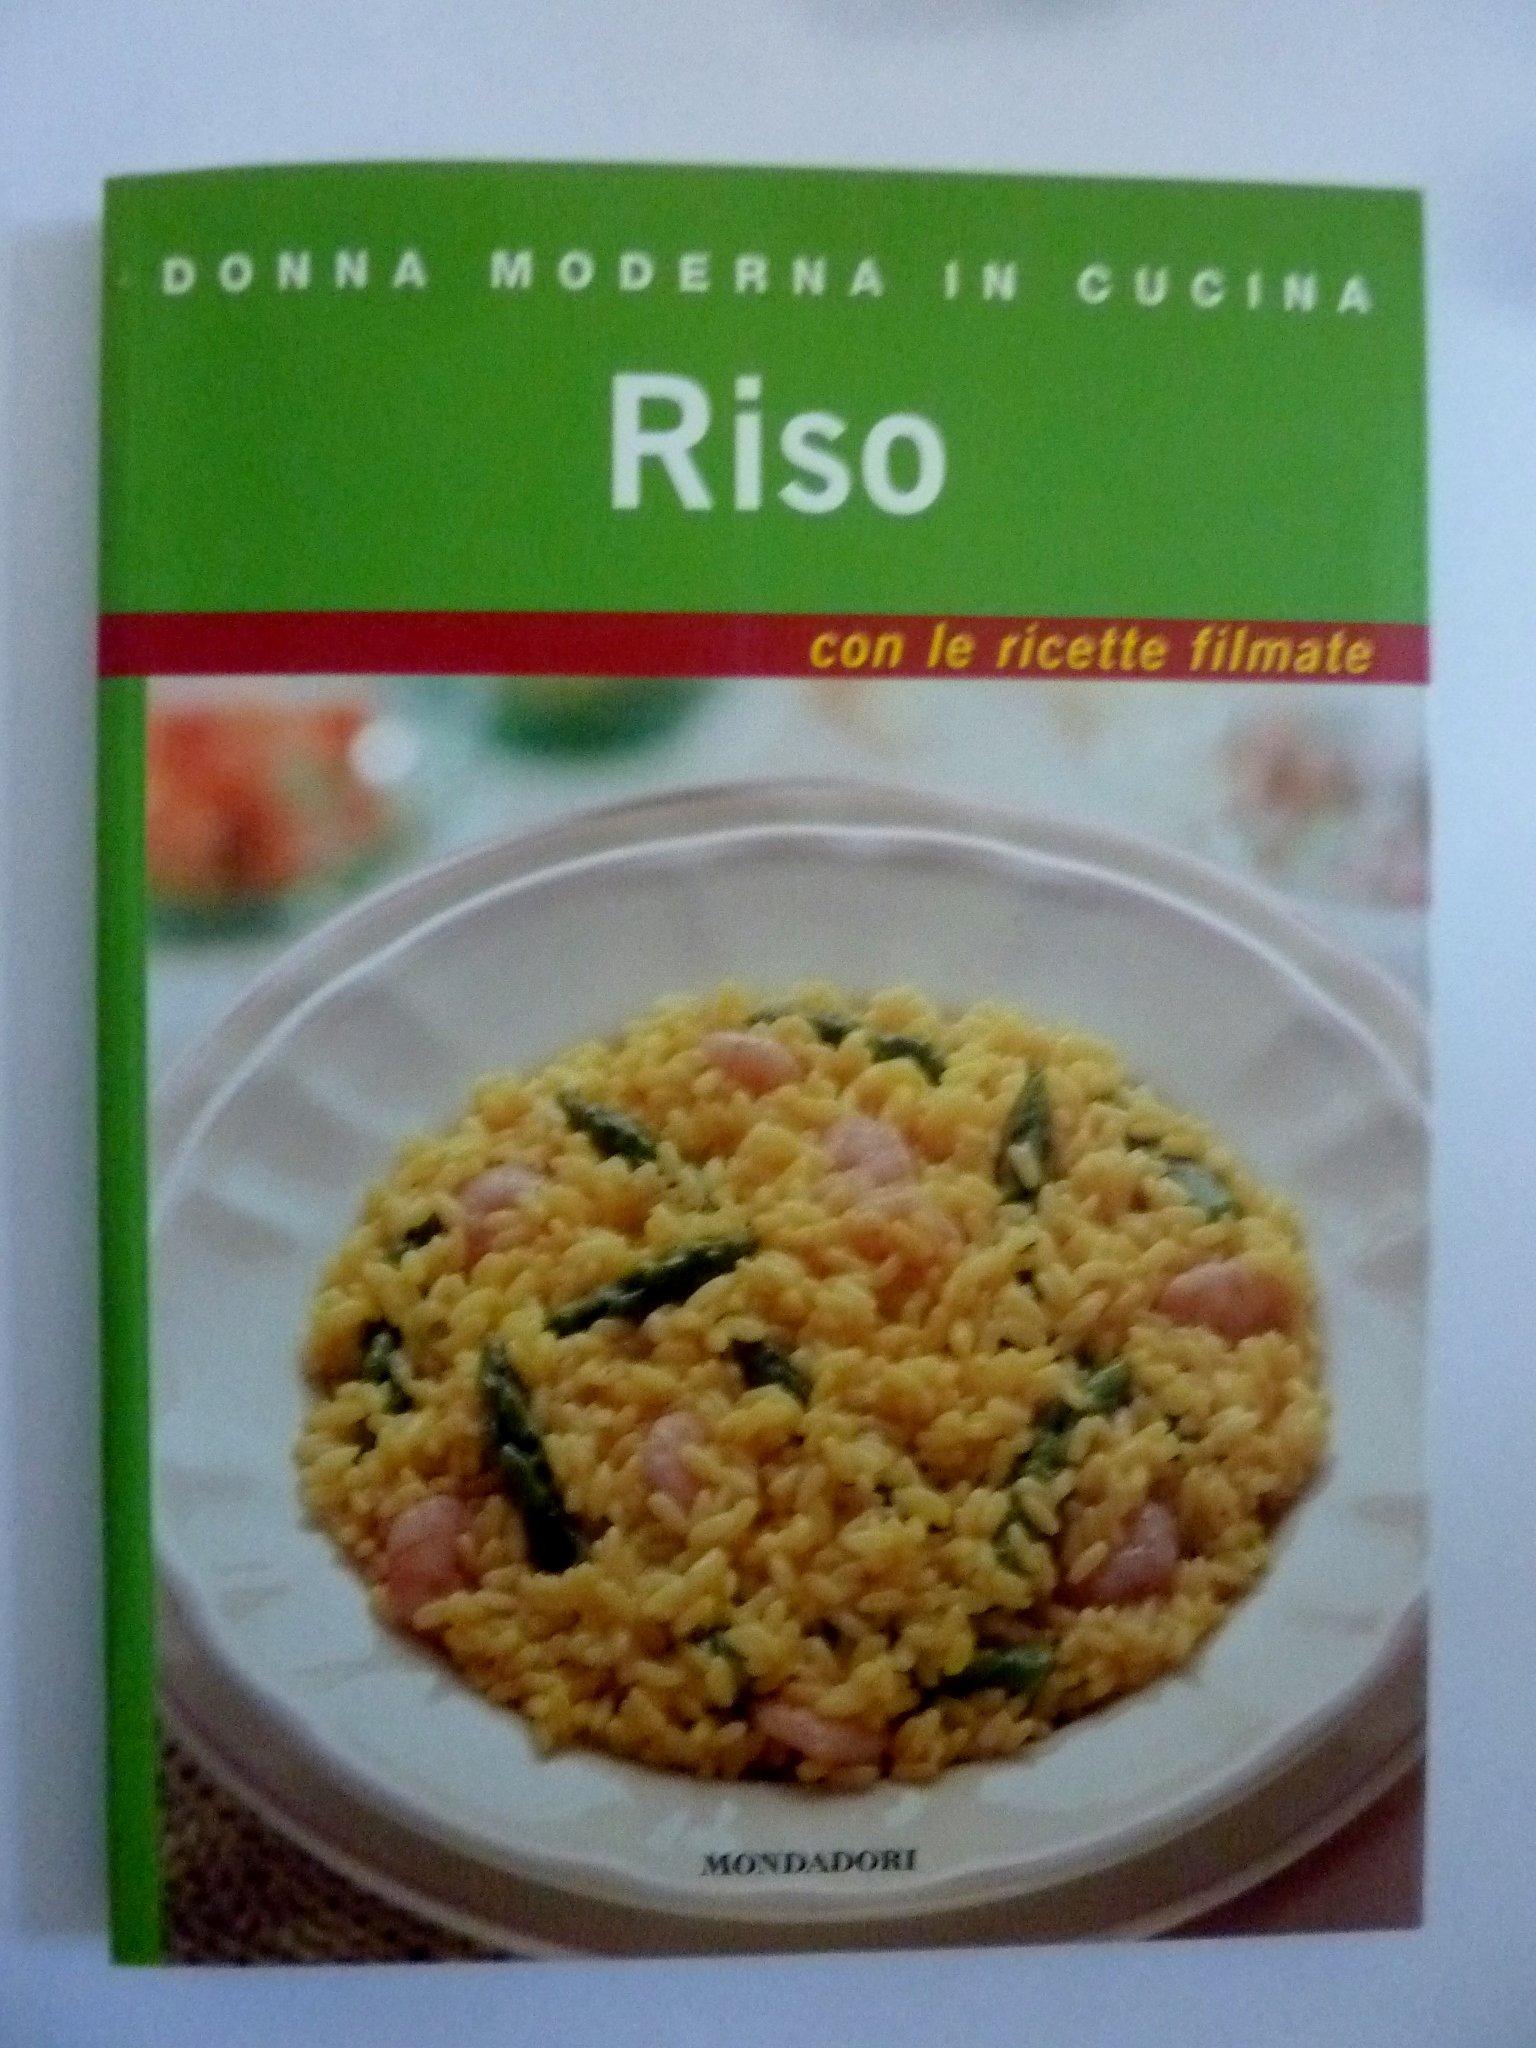 Amazon.it: DONNA MODERNA IN CUCINA Riso con le ricette filmate - AA ...